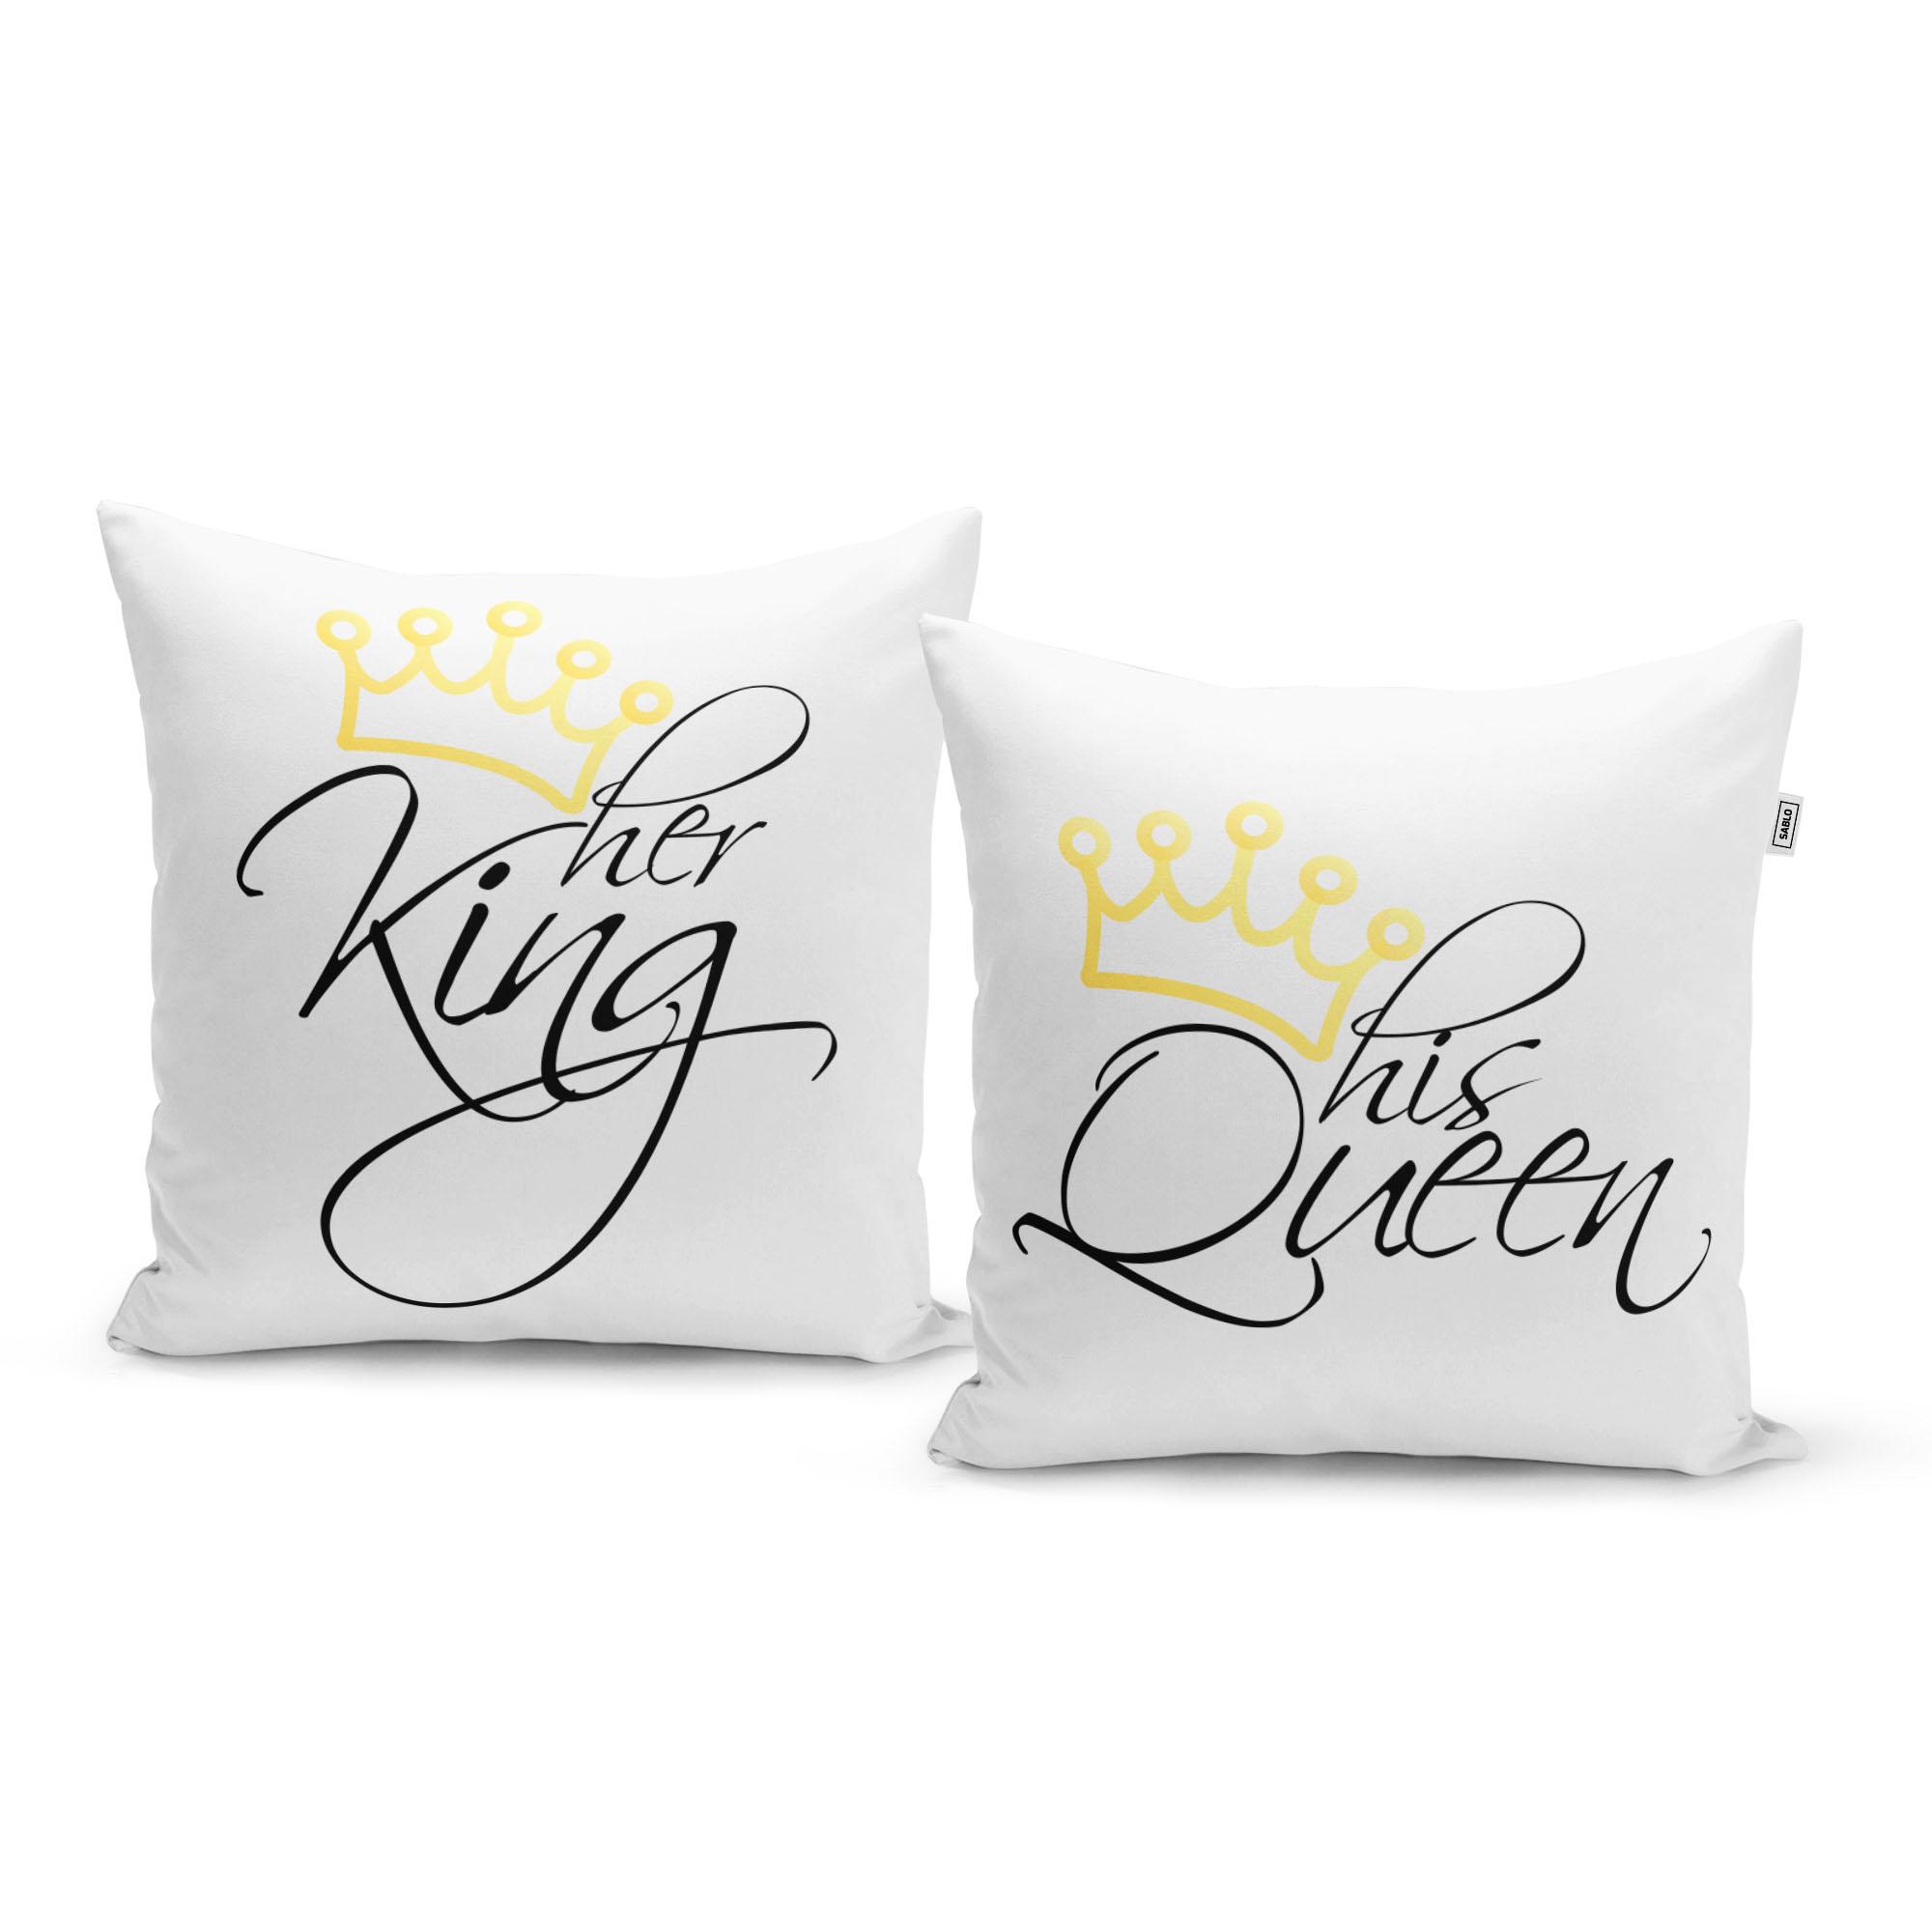 her King, his Queen